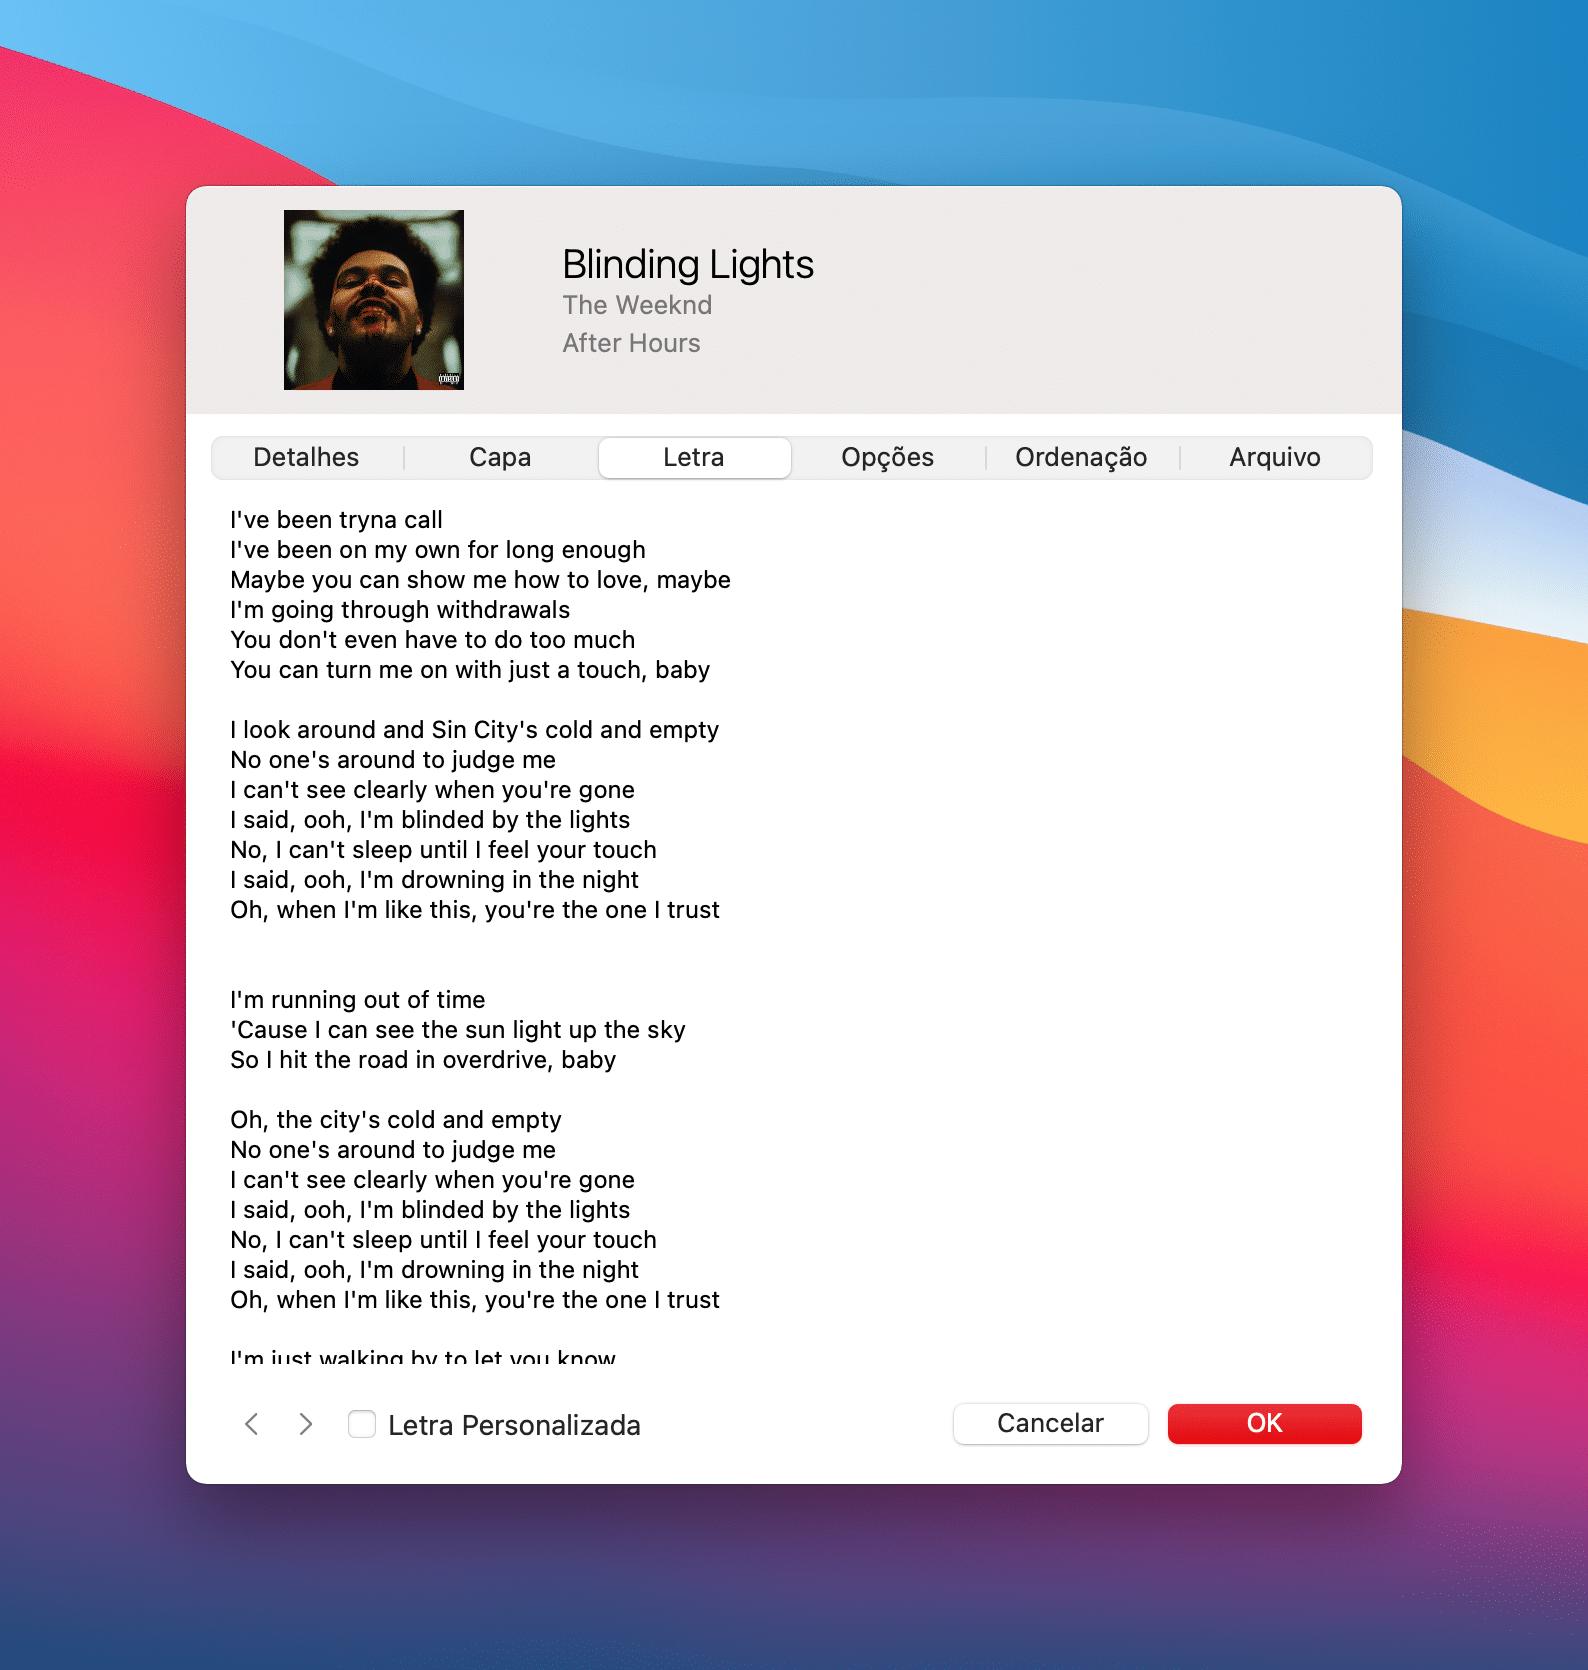 Letras sincronizadas no Mac